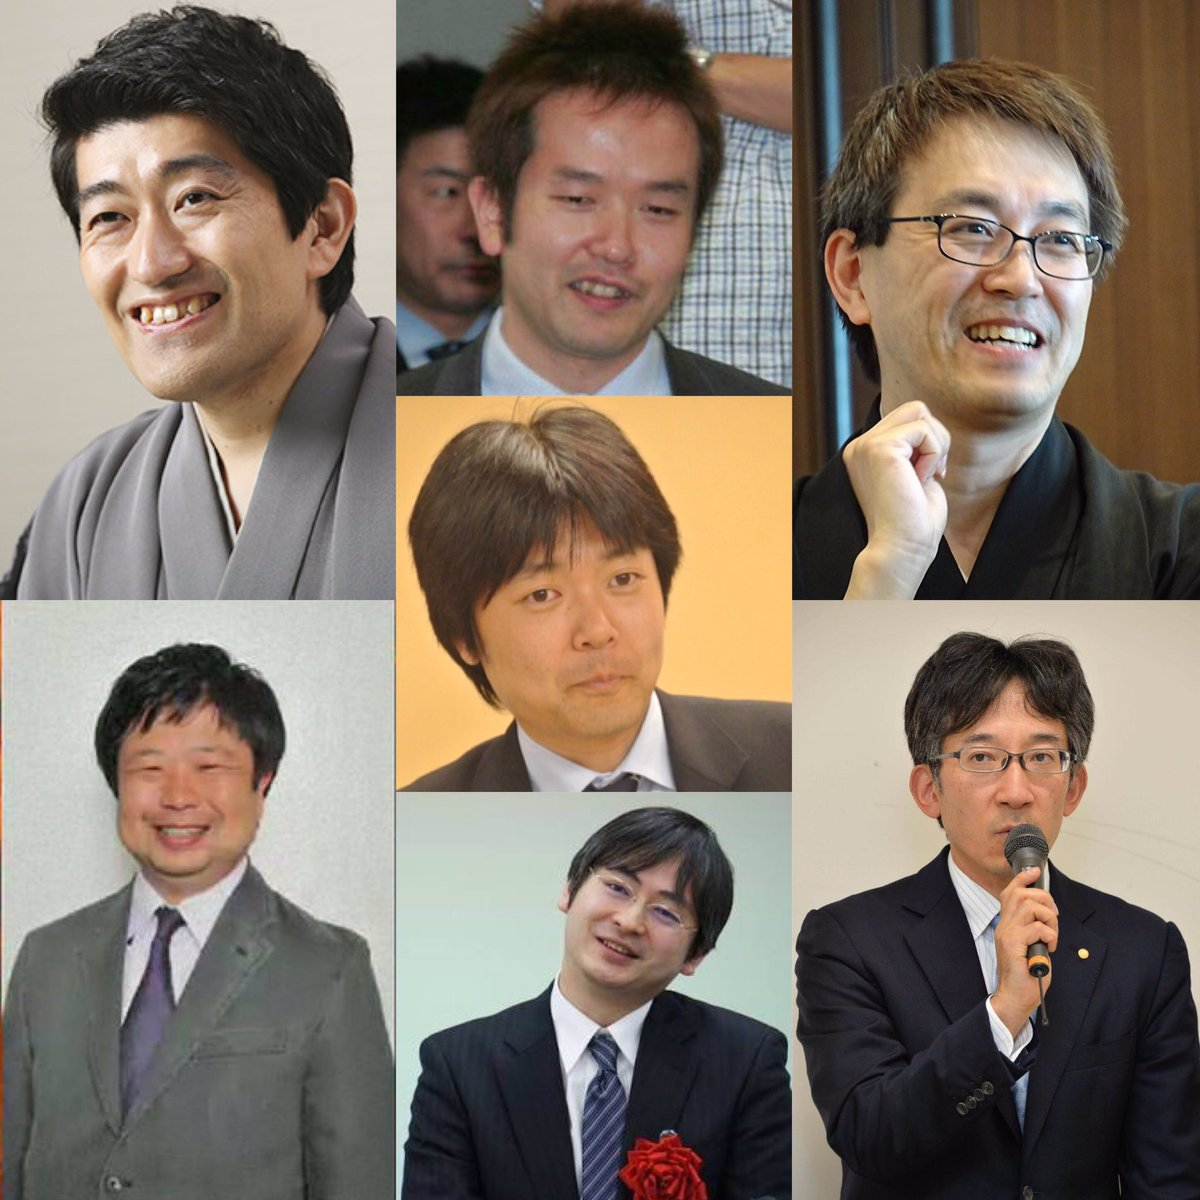 「羽生世代 将棋」の画像検索結果